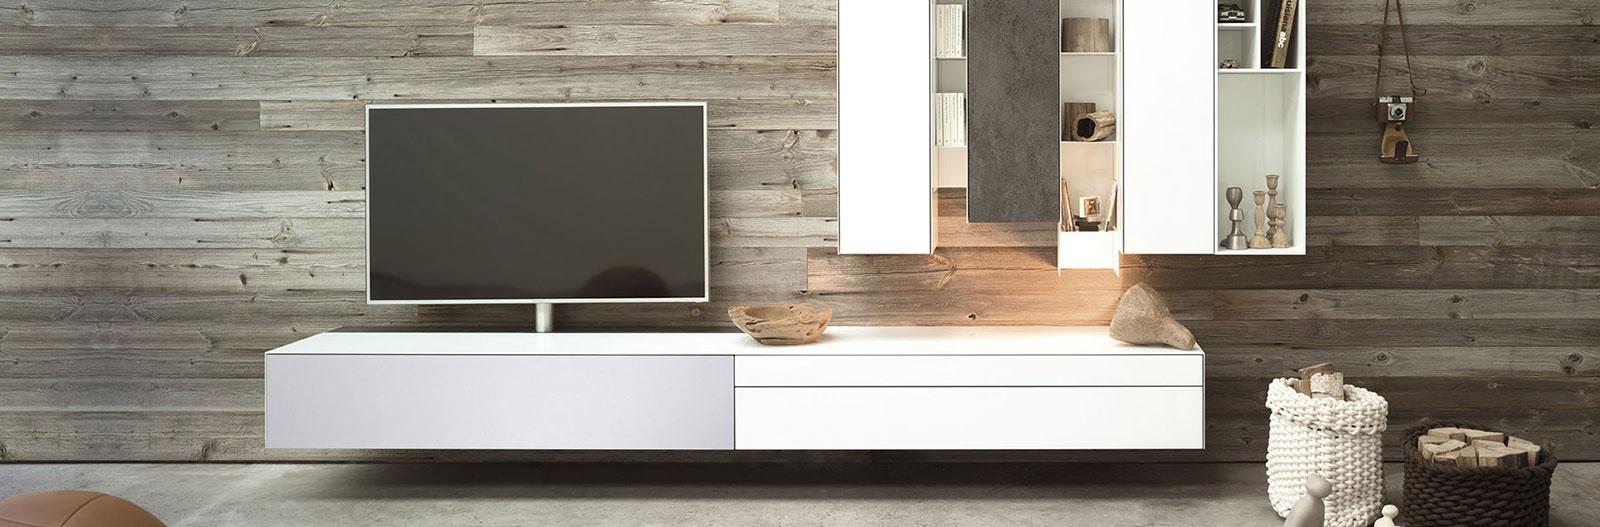 spectral interna m bel. Black Bedroom Furniture Sets. Home Design Ideas